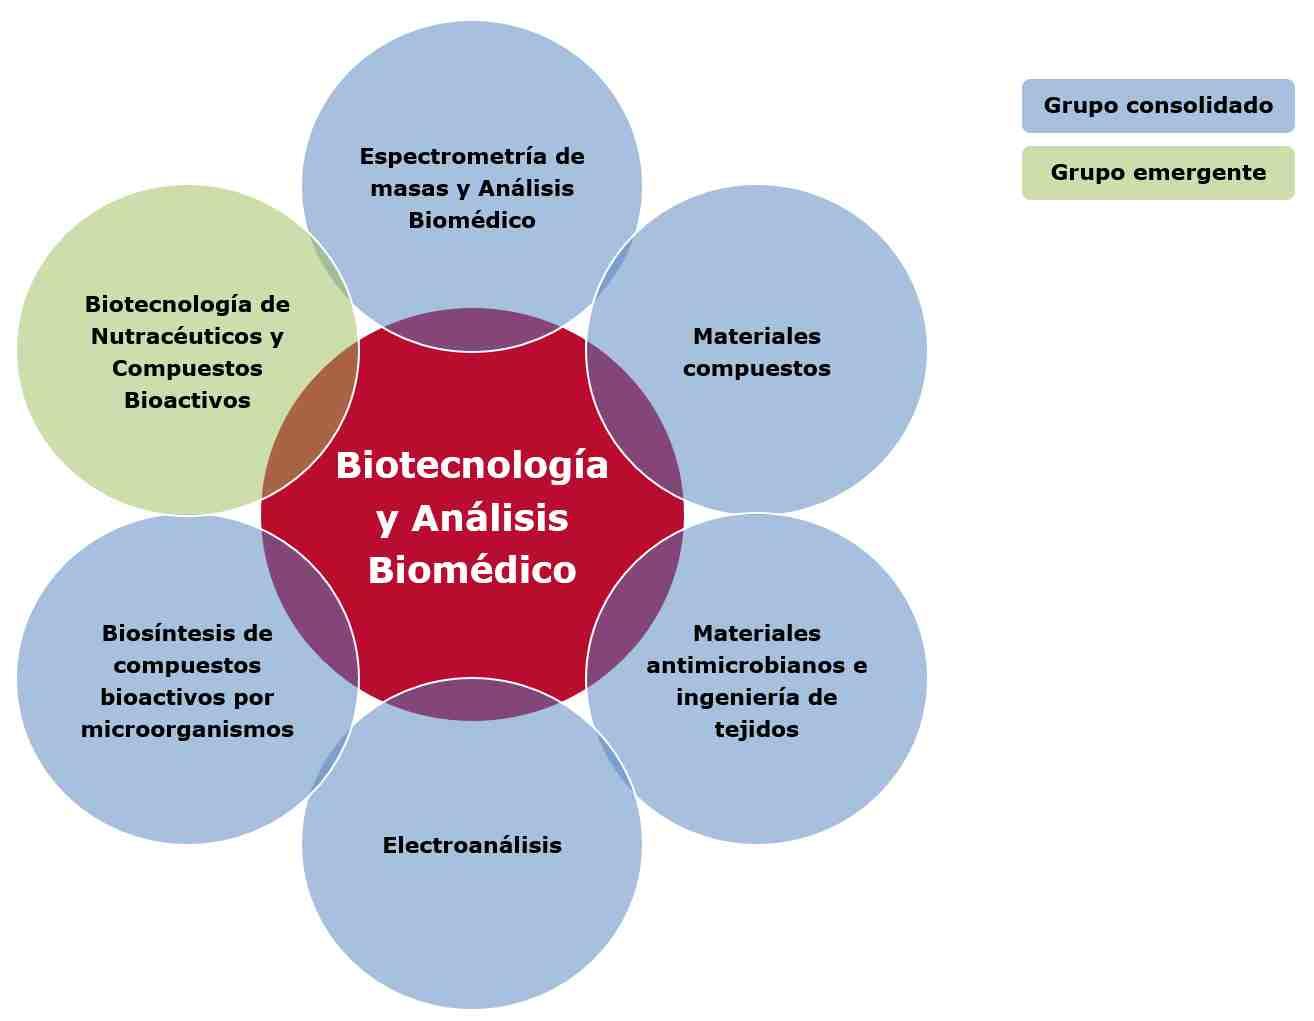 Biotecnología y análisis biomédico